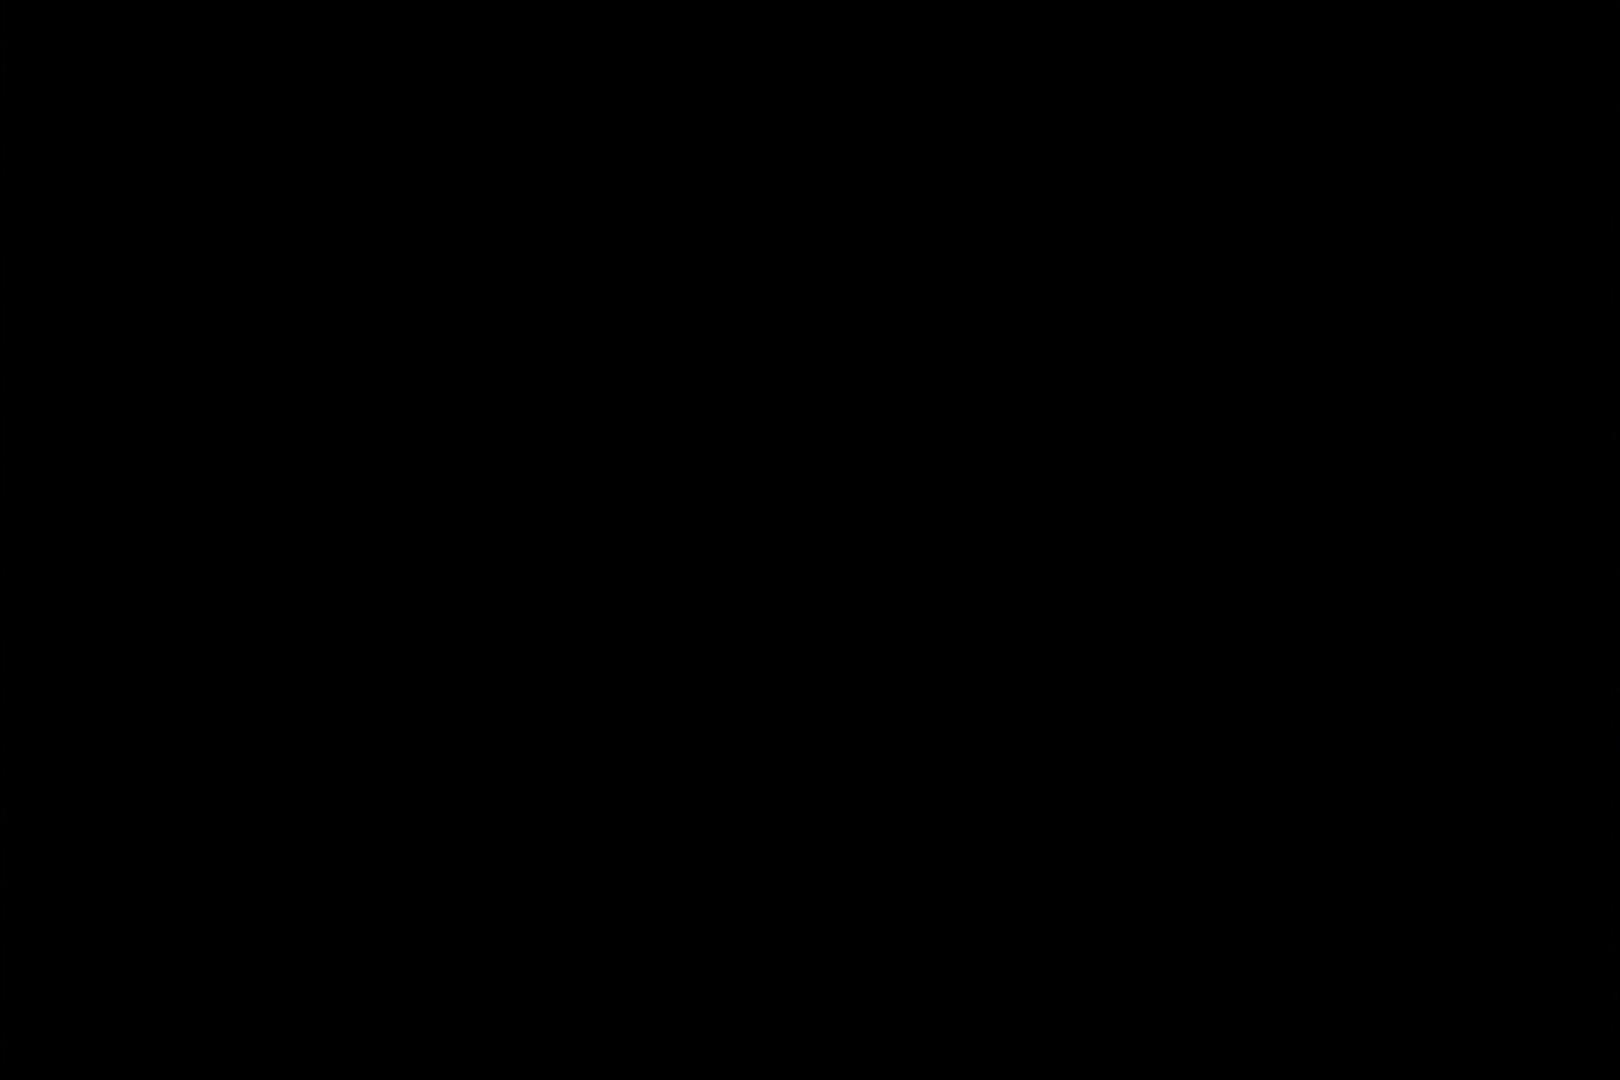 亀さんかわや VIPバージョン! vol.38 OLのエロ生活 のぞき動画画像 111連発 50